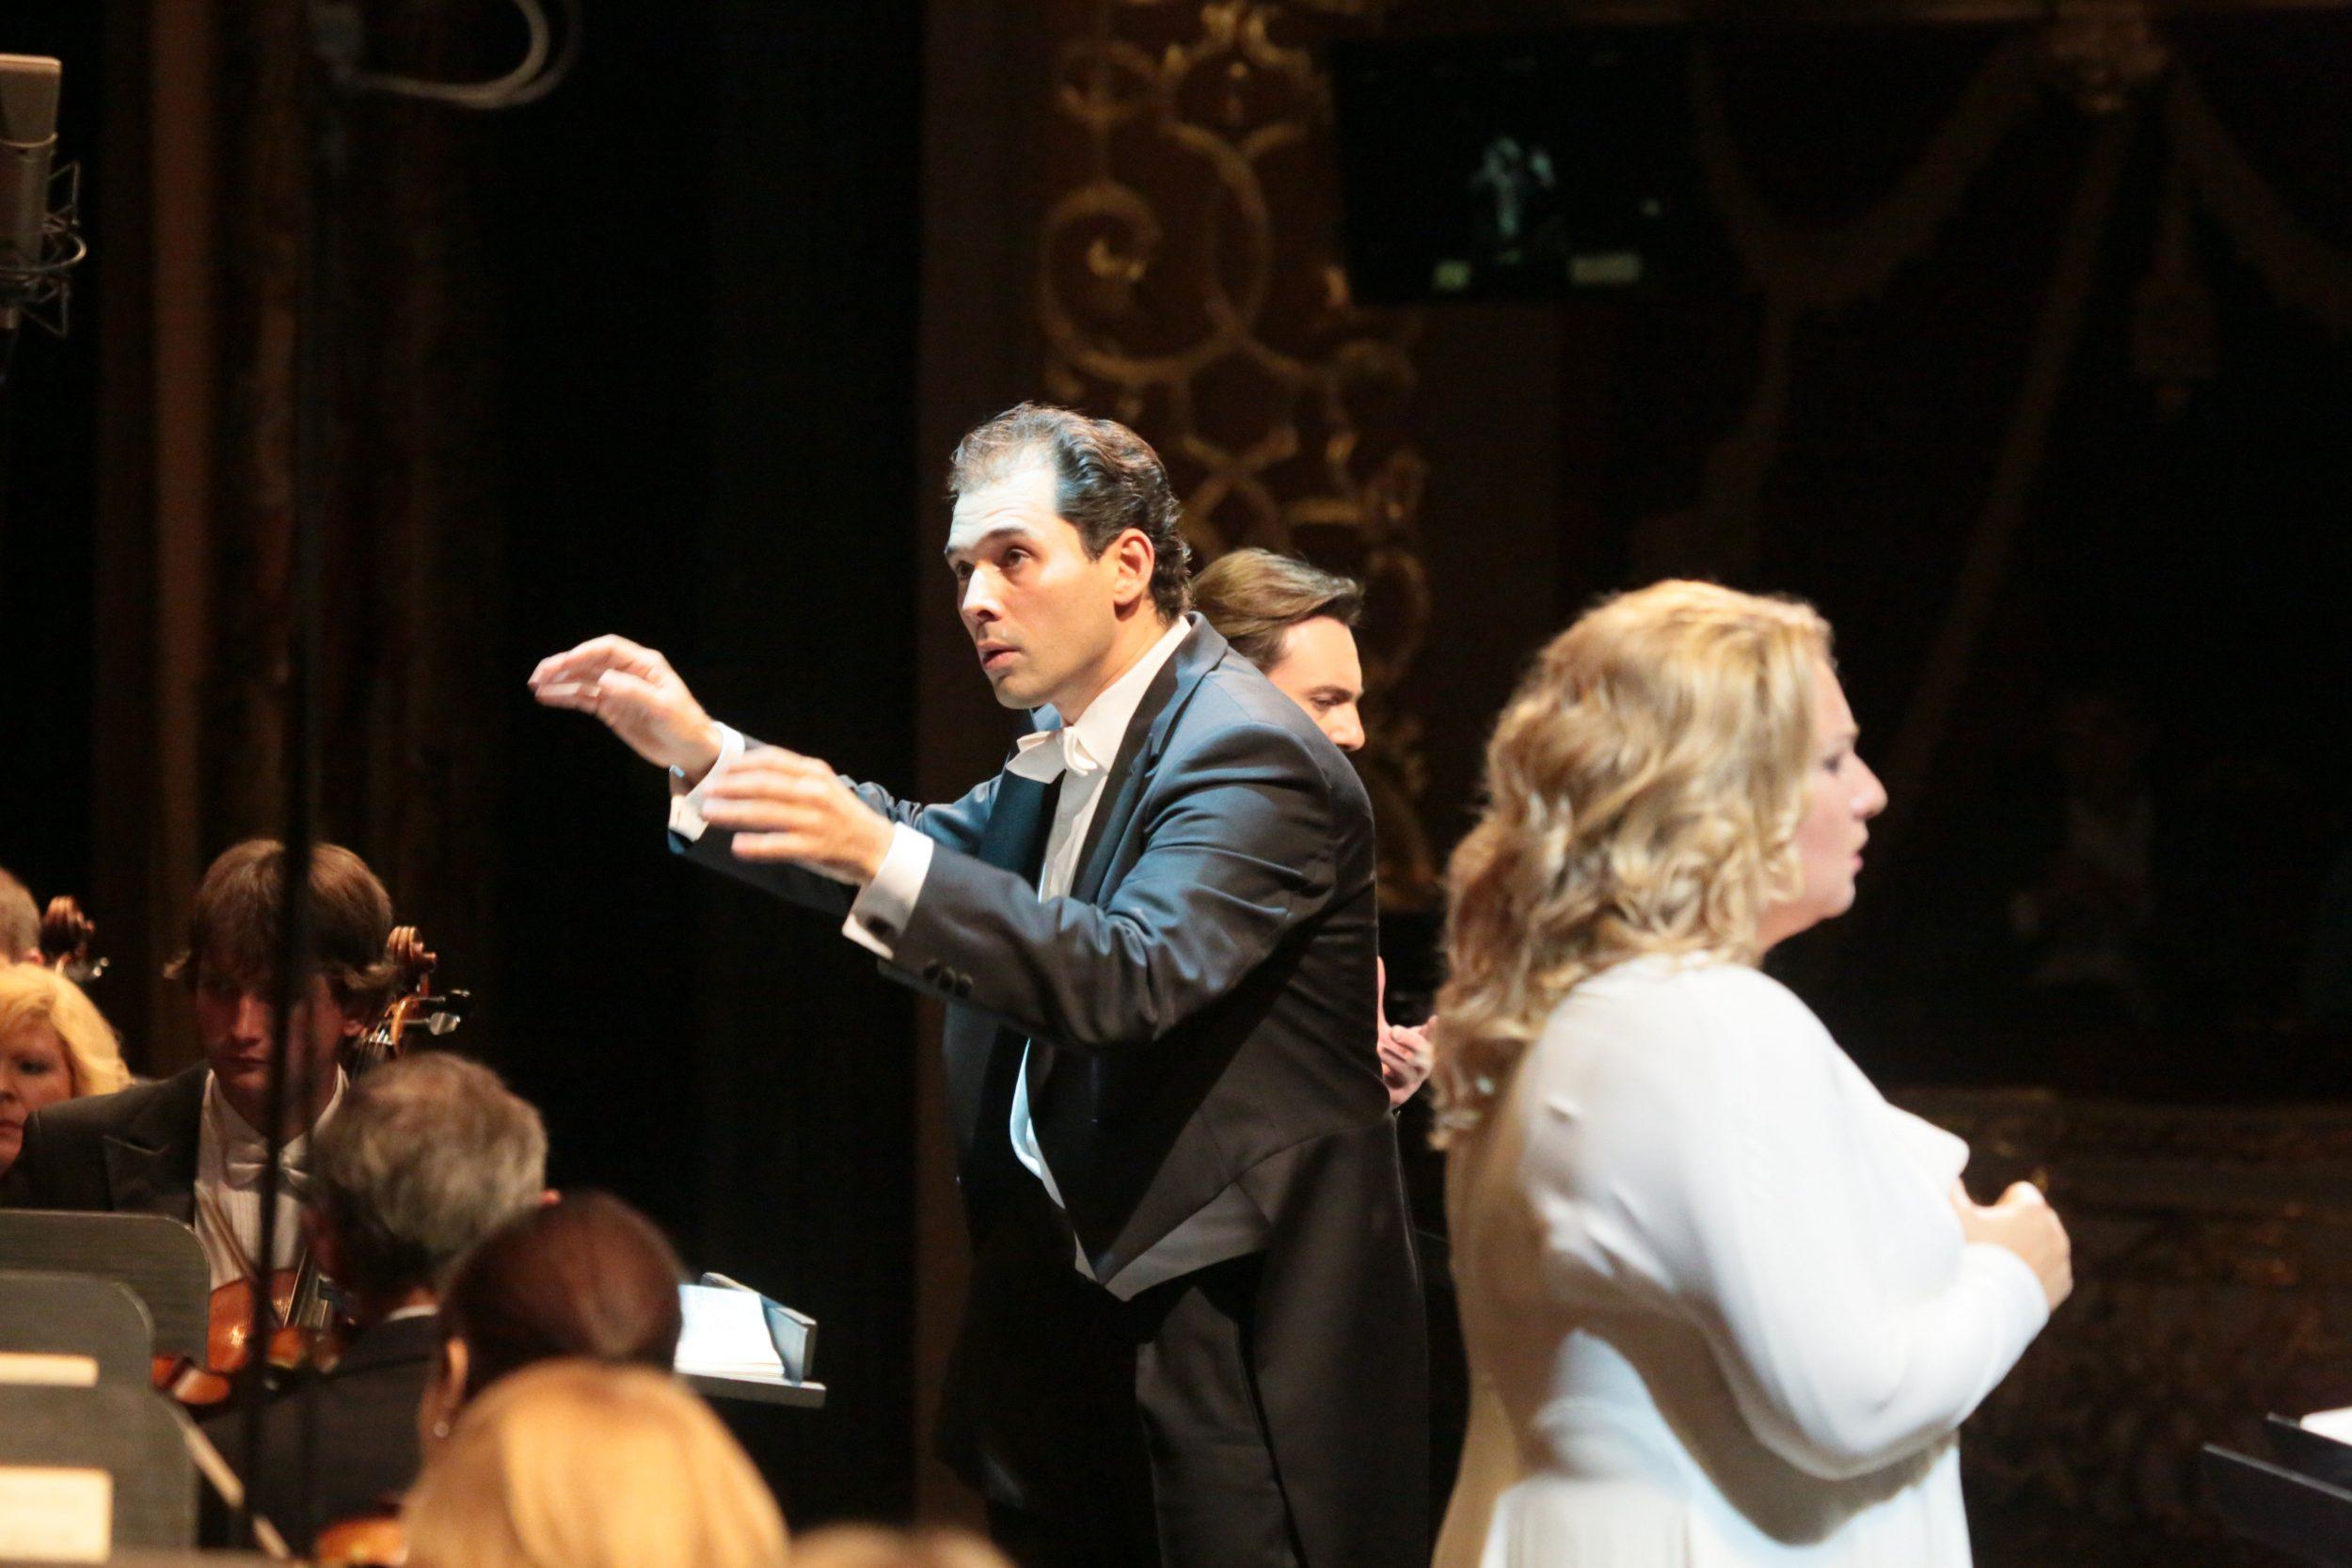 """Туган Сохиев дирижирует концертным исполнением оперы """"Орлеанская дева"""". Фото - Дамир Юсупов"""